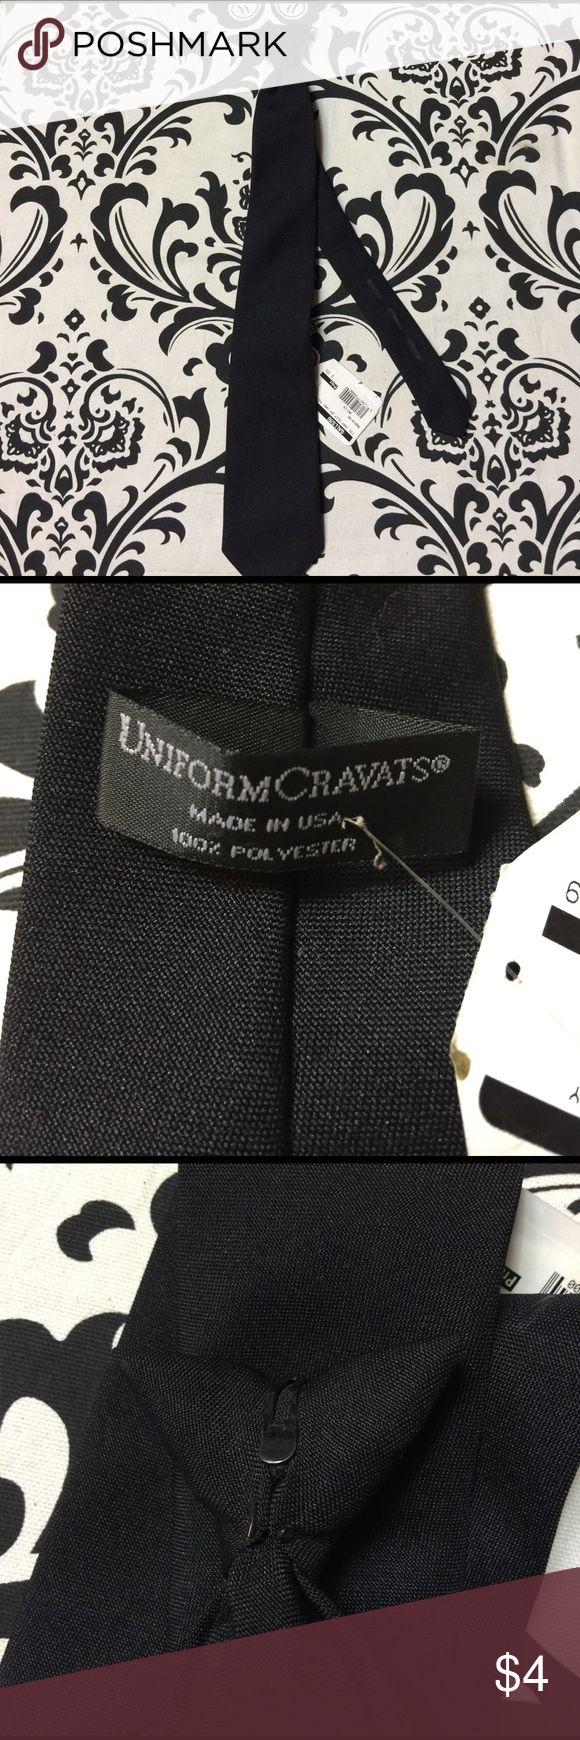 """Black clip on tie Black clip on tie. 16.5"""" Accessories Ties"""